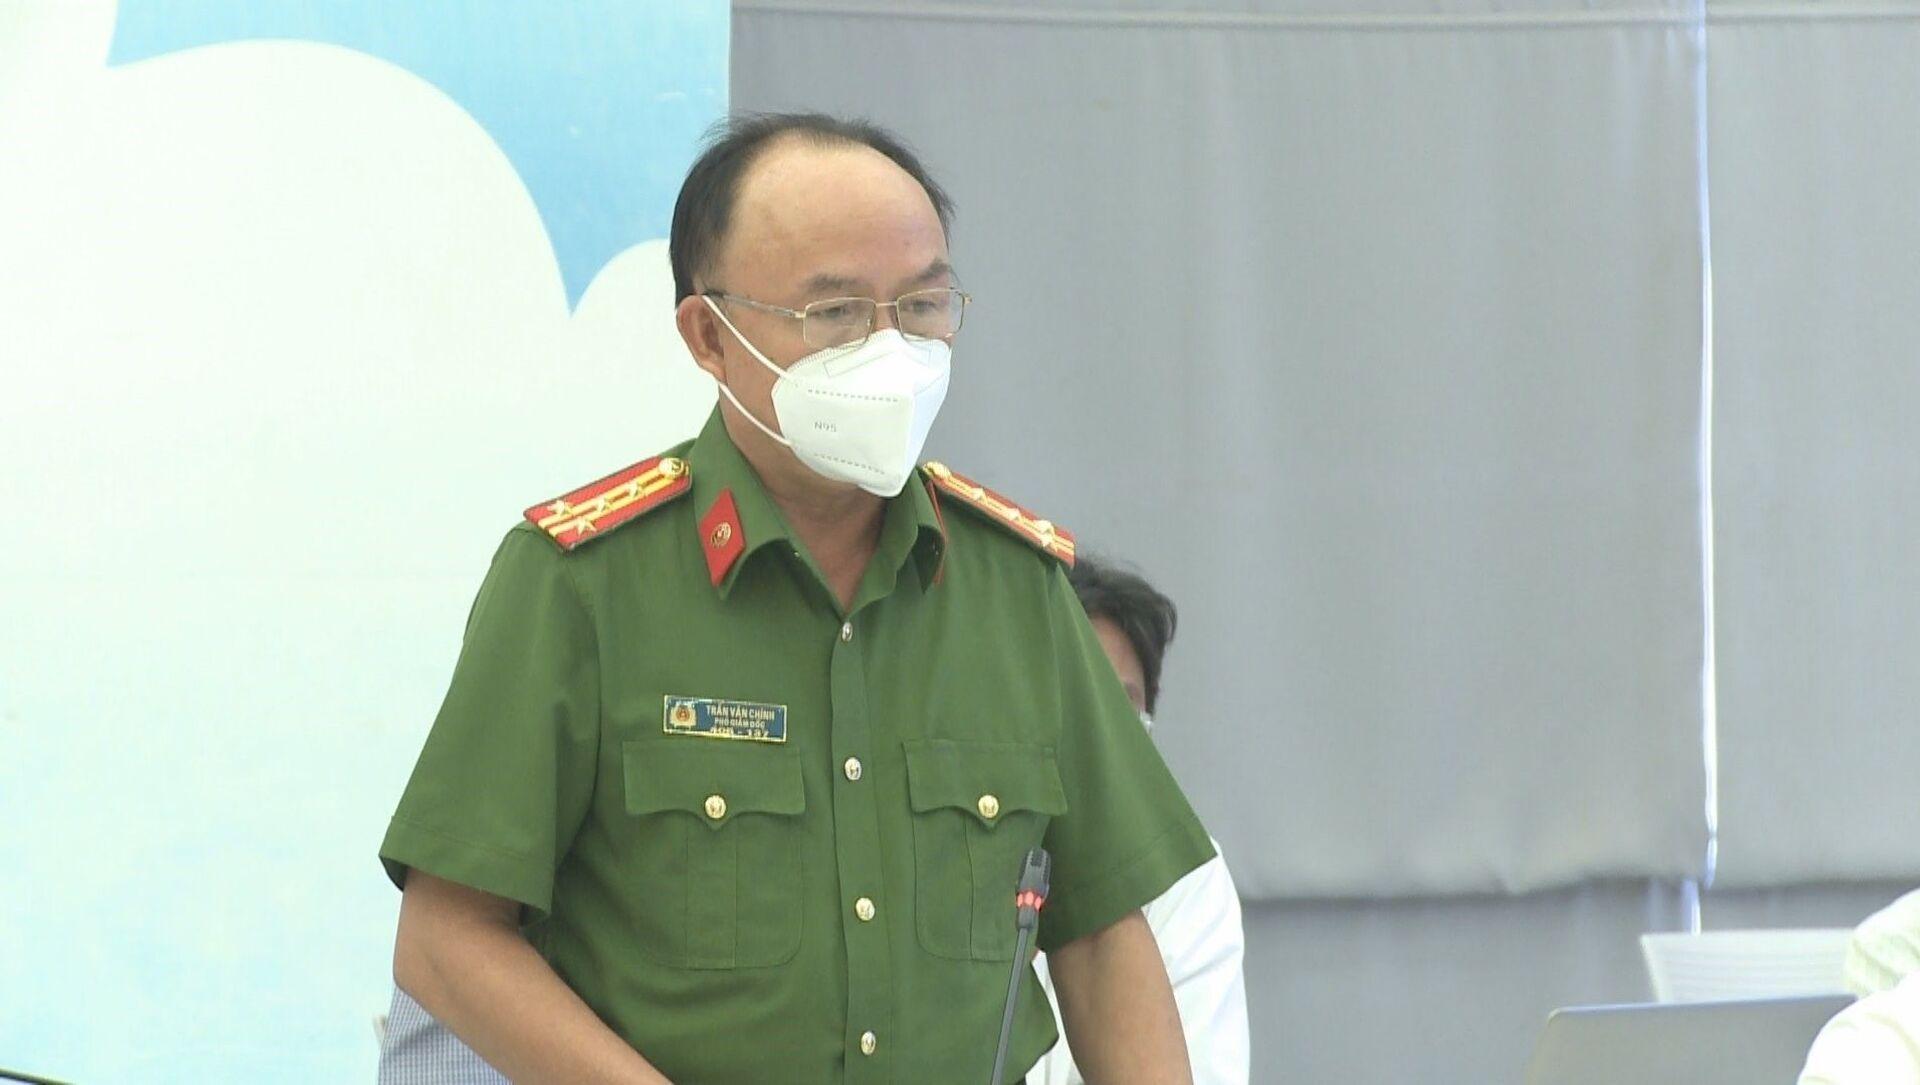 Đại tá Trần Văn Chính cung cấp thông tin vụ việc người đàn ông bị nhiều bệnh viện từ chối dẫn đến tử vong. - Sputnik Việt Nam, 1920, 17.08.2021